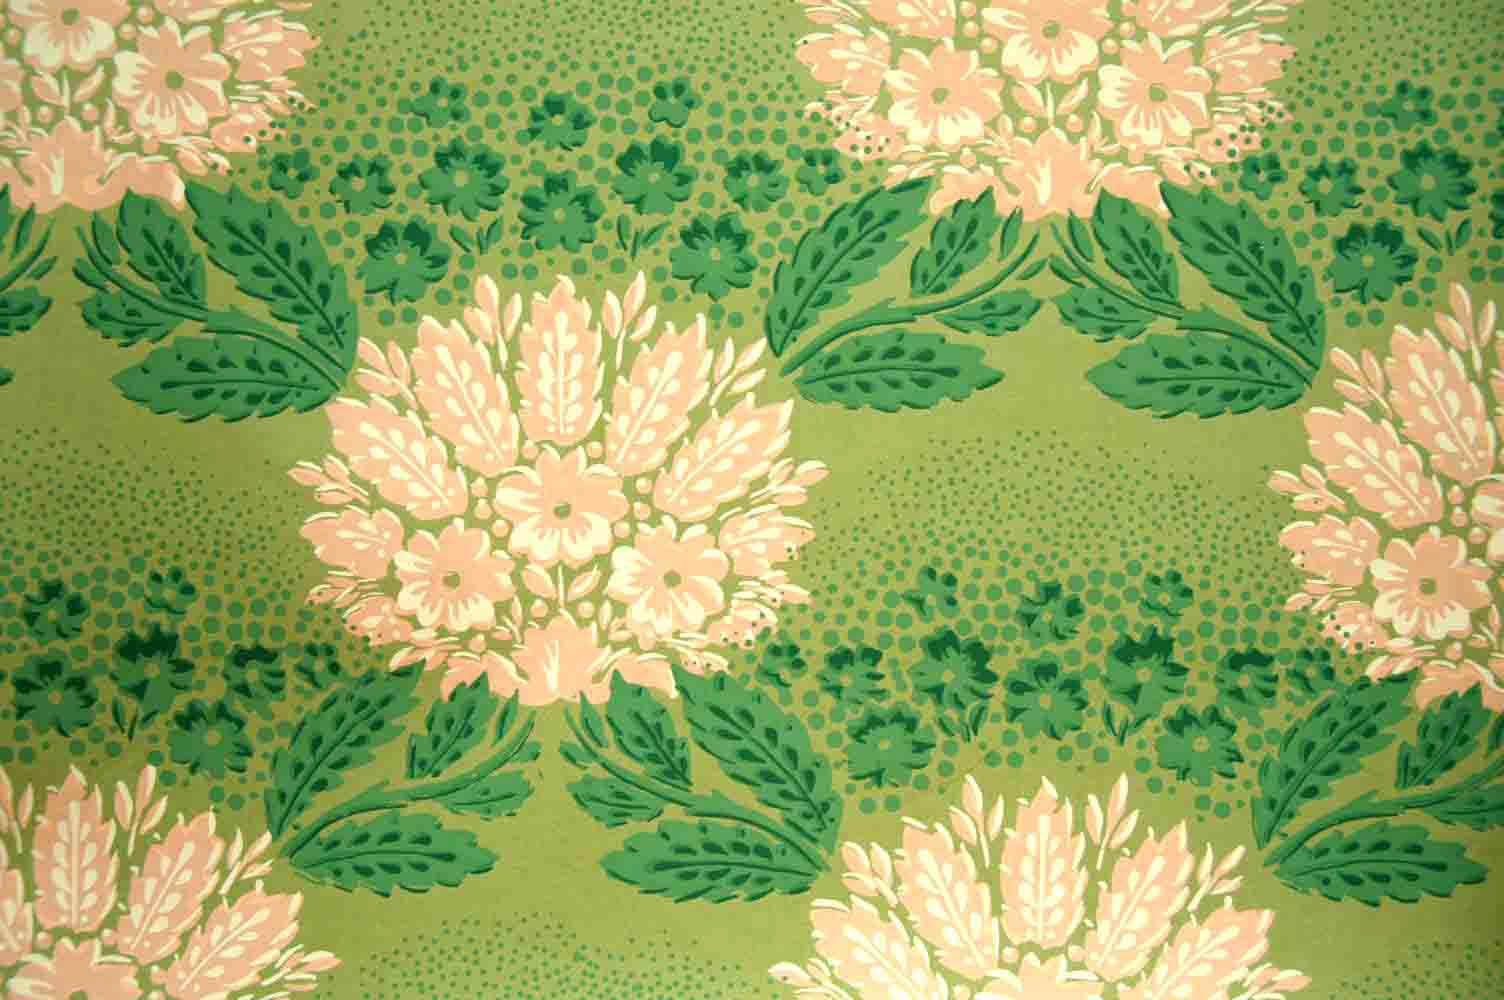 Tapetenreproduktion (wallpaper reproduction) Original aus Schloss Corvey - Höxter um 1800